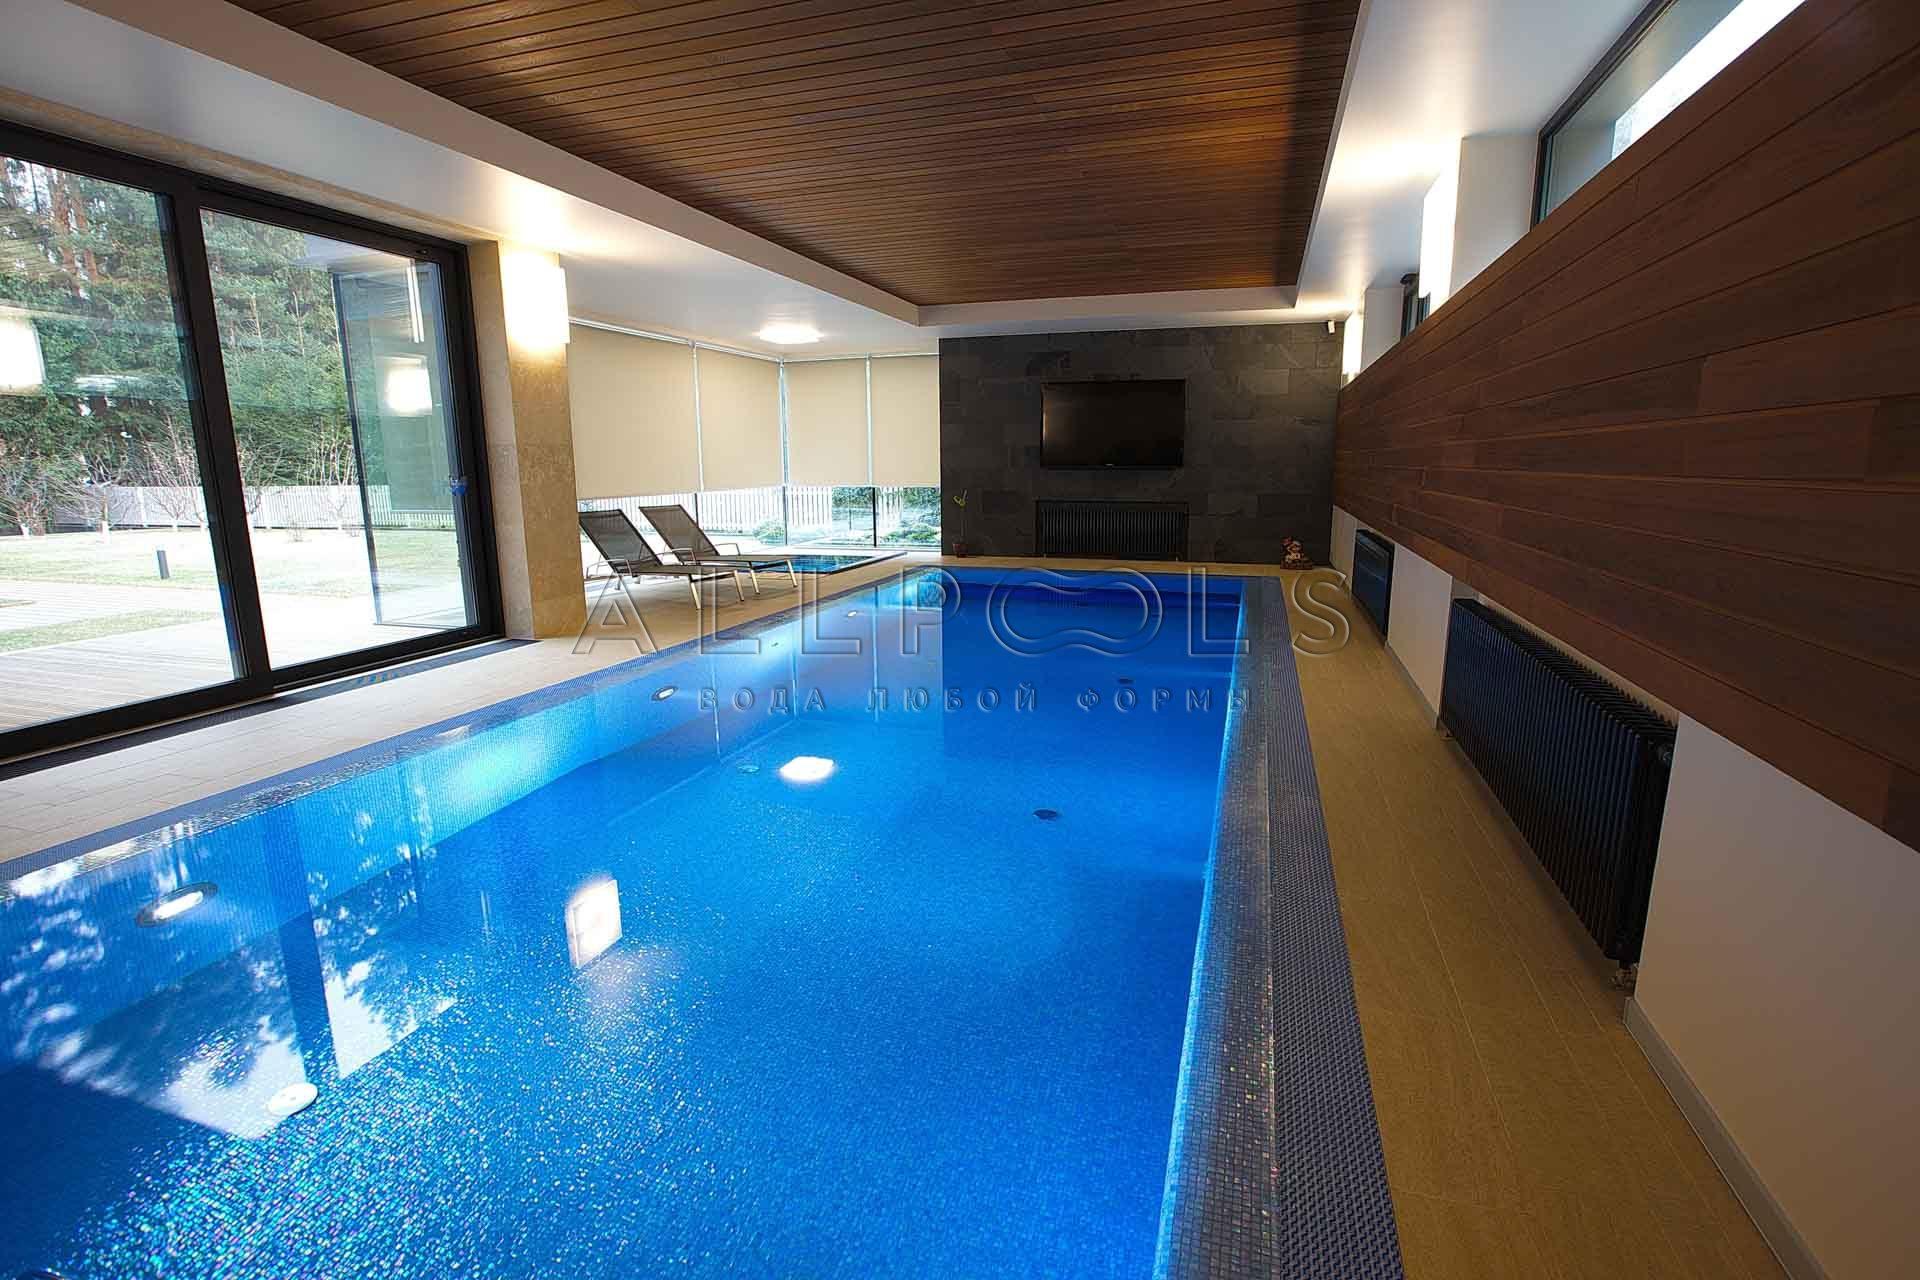 Бассейн для плавания с телевизором в частном доме